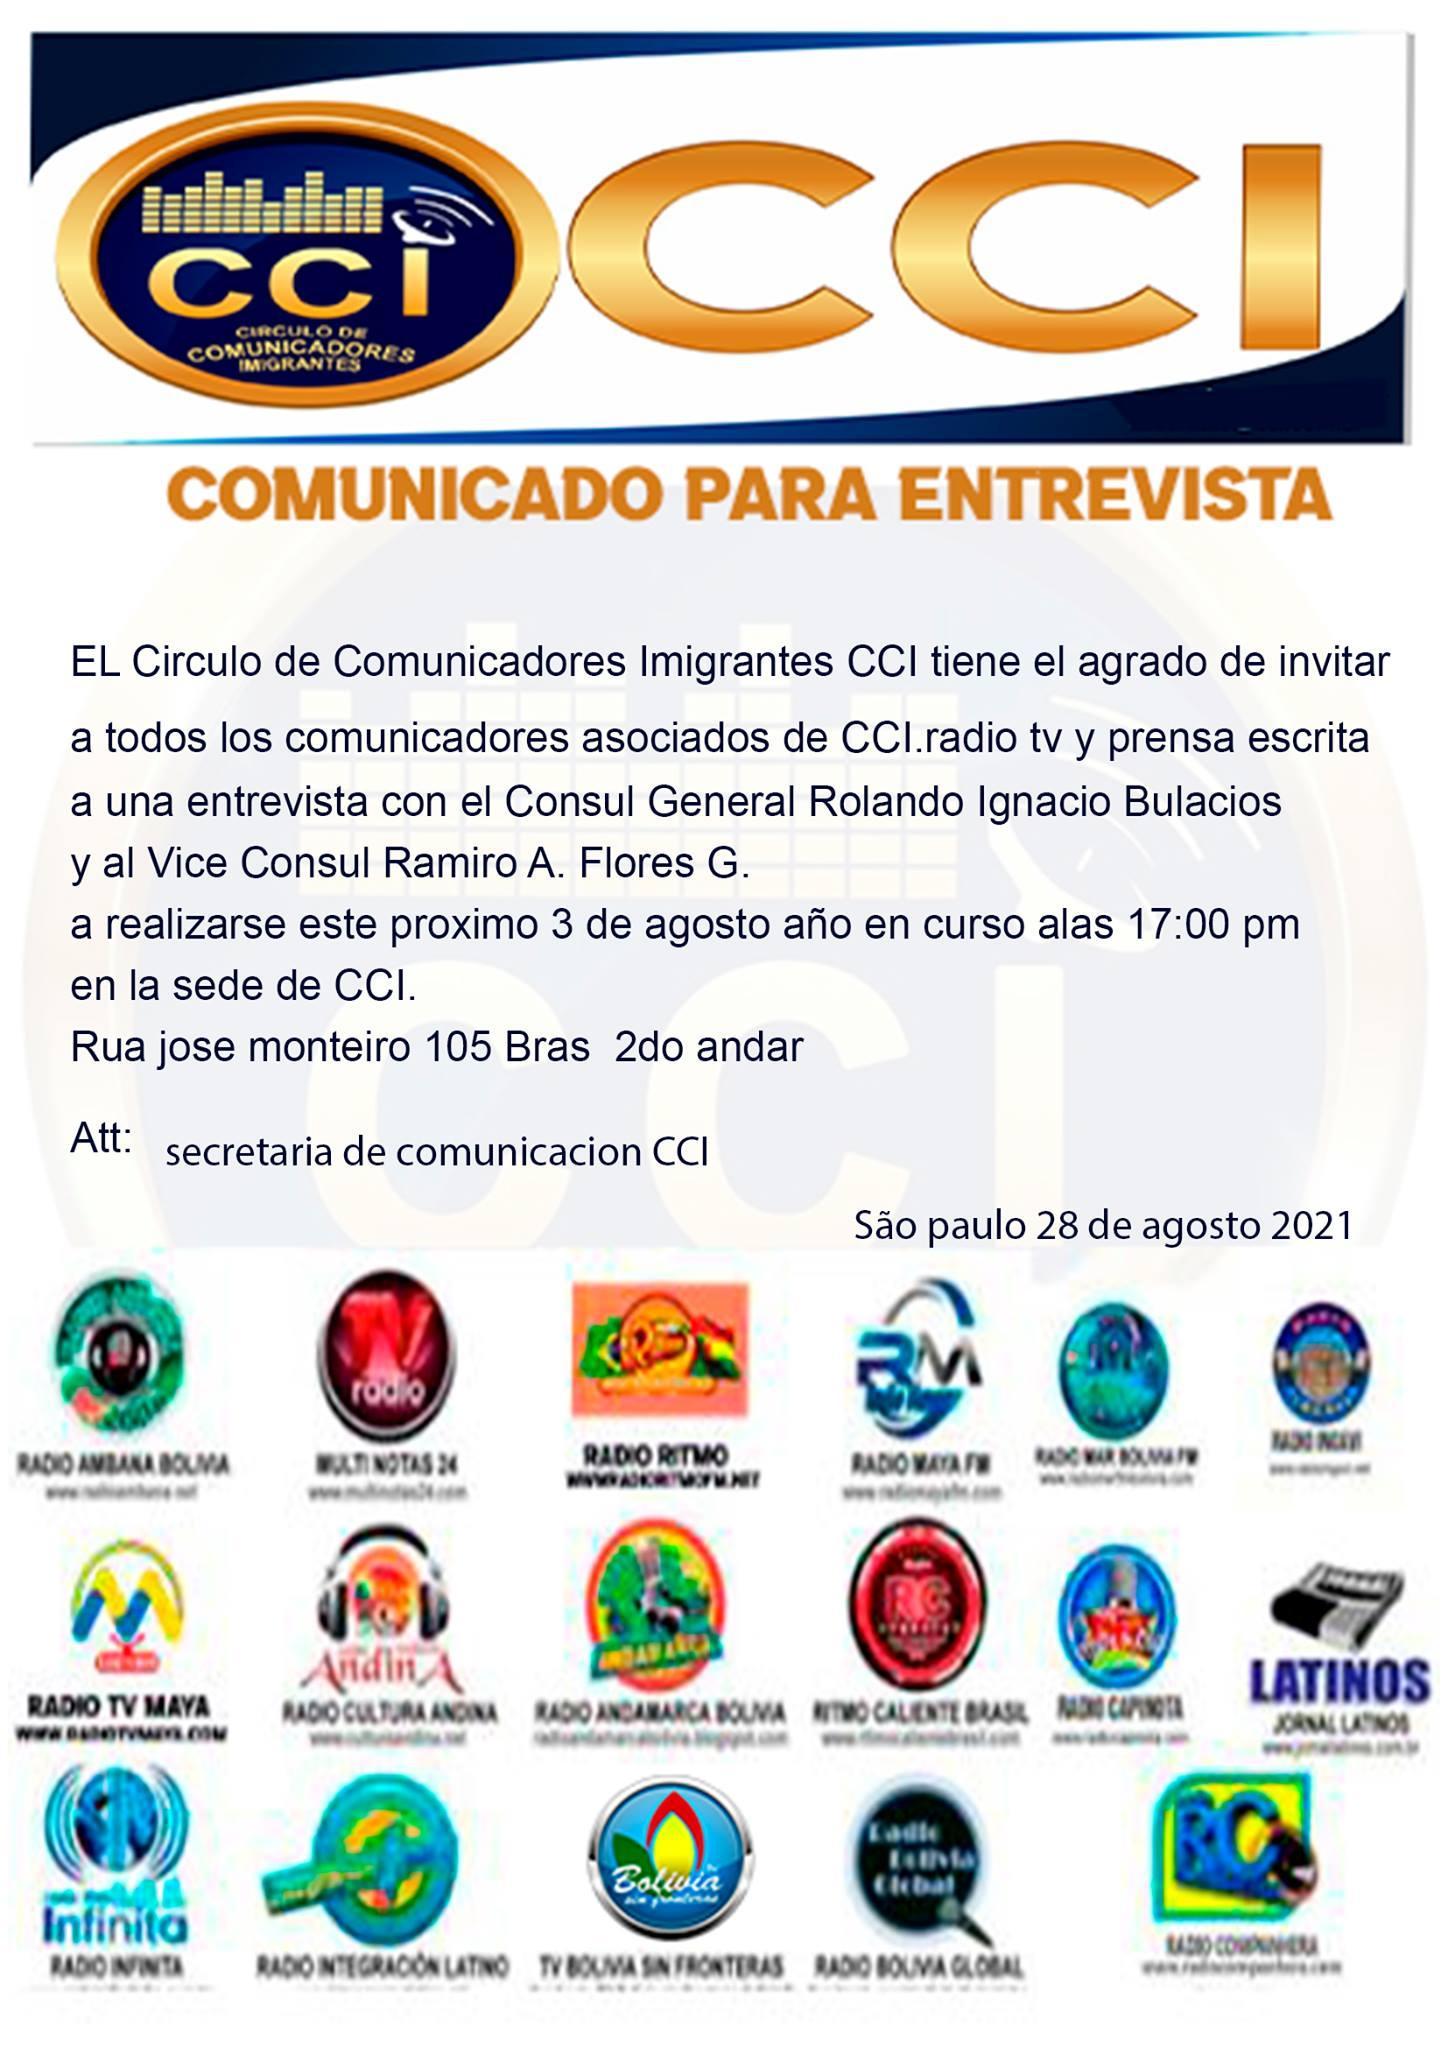 Entrevista com autoridades consulares da Bolívia em São Paulo